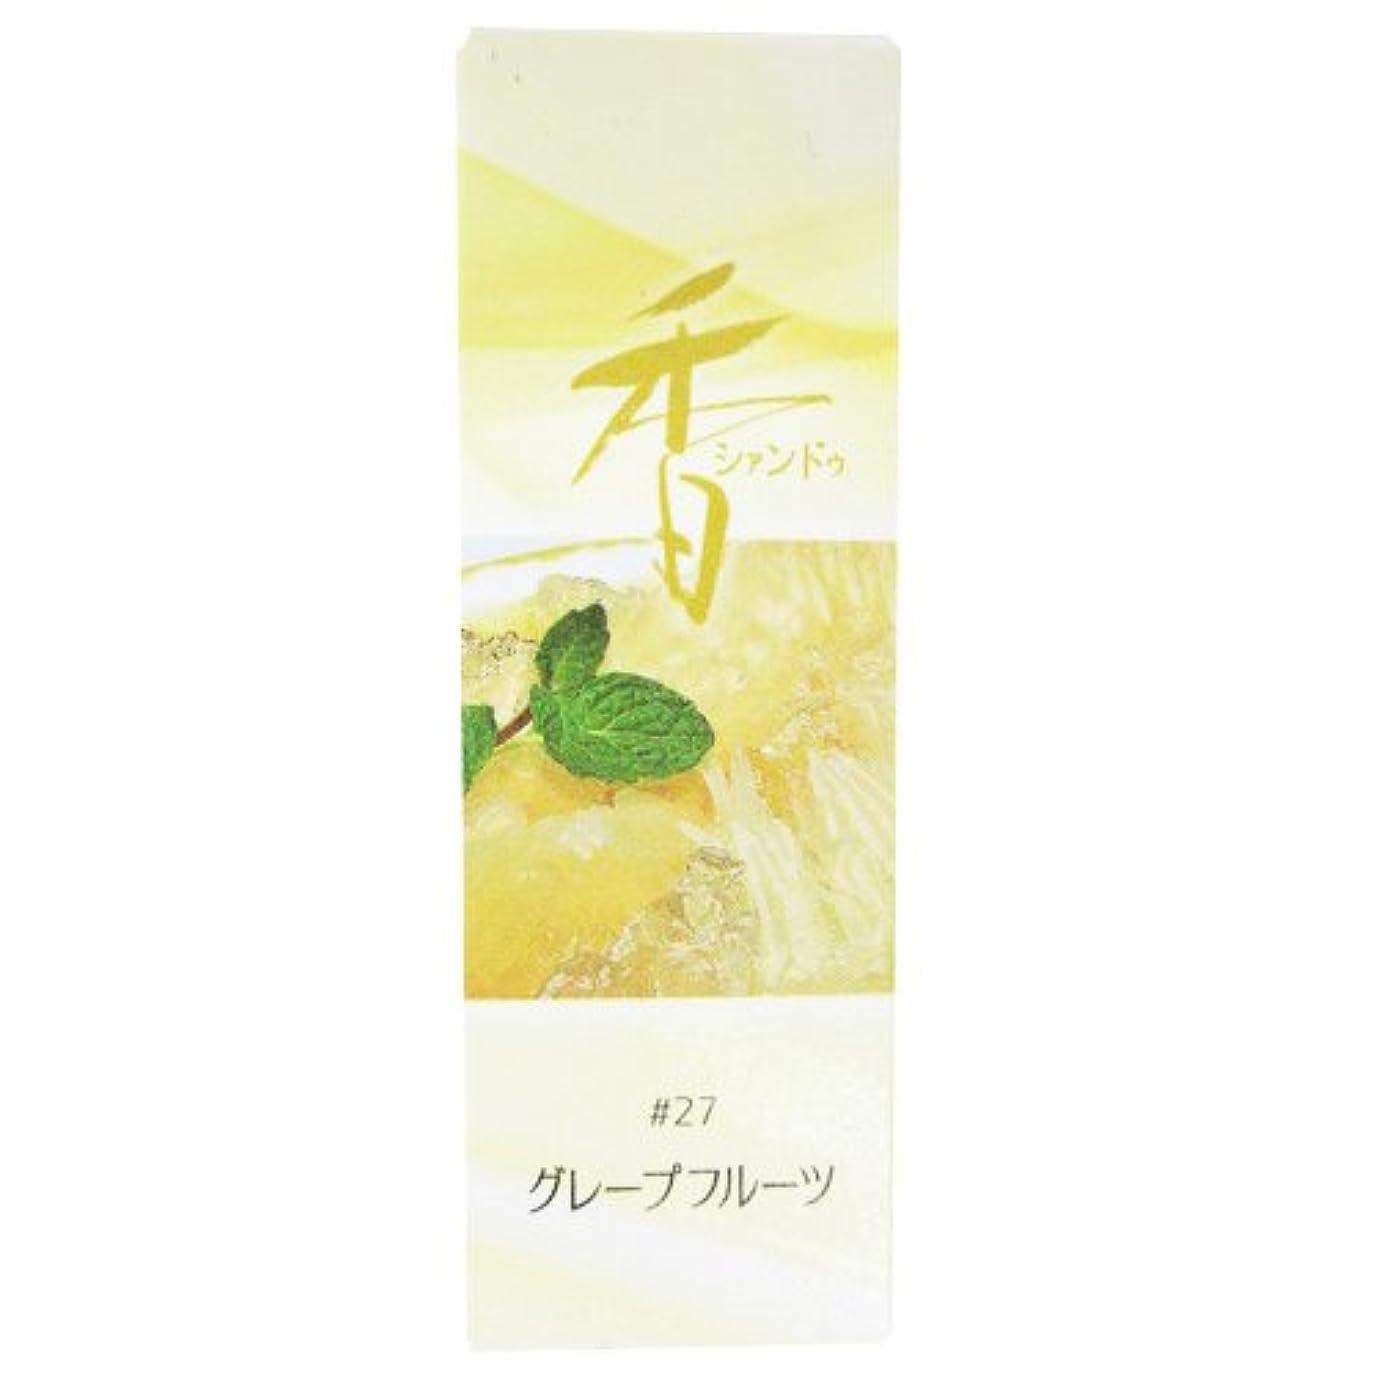 小麦独裁トリップ松栄堂のお香 Xiang Do(シャンドゥ) グレープフルーツ ST20本入 簡易香立付 #214227